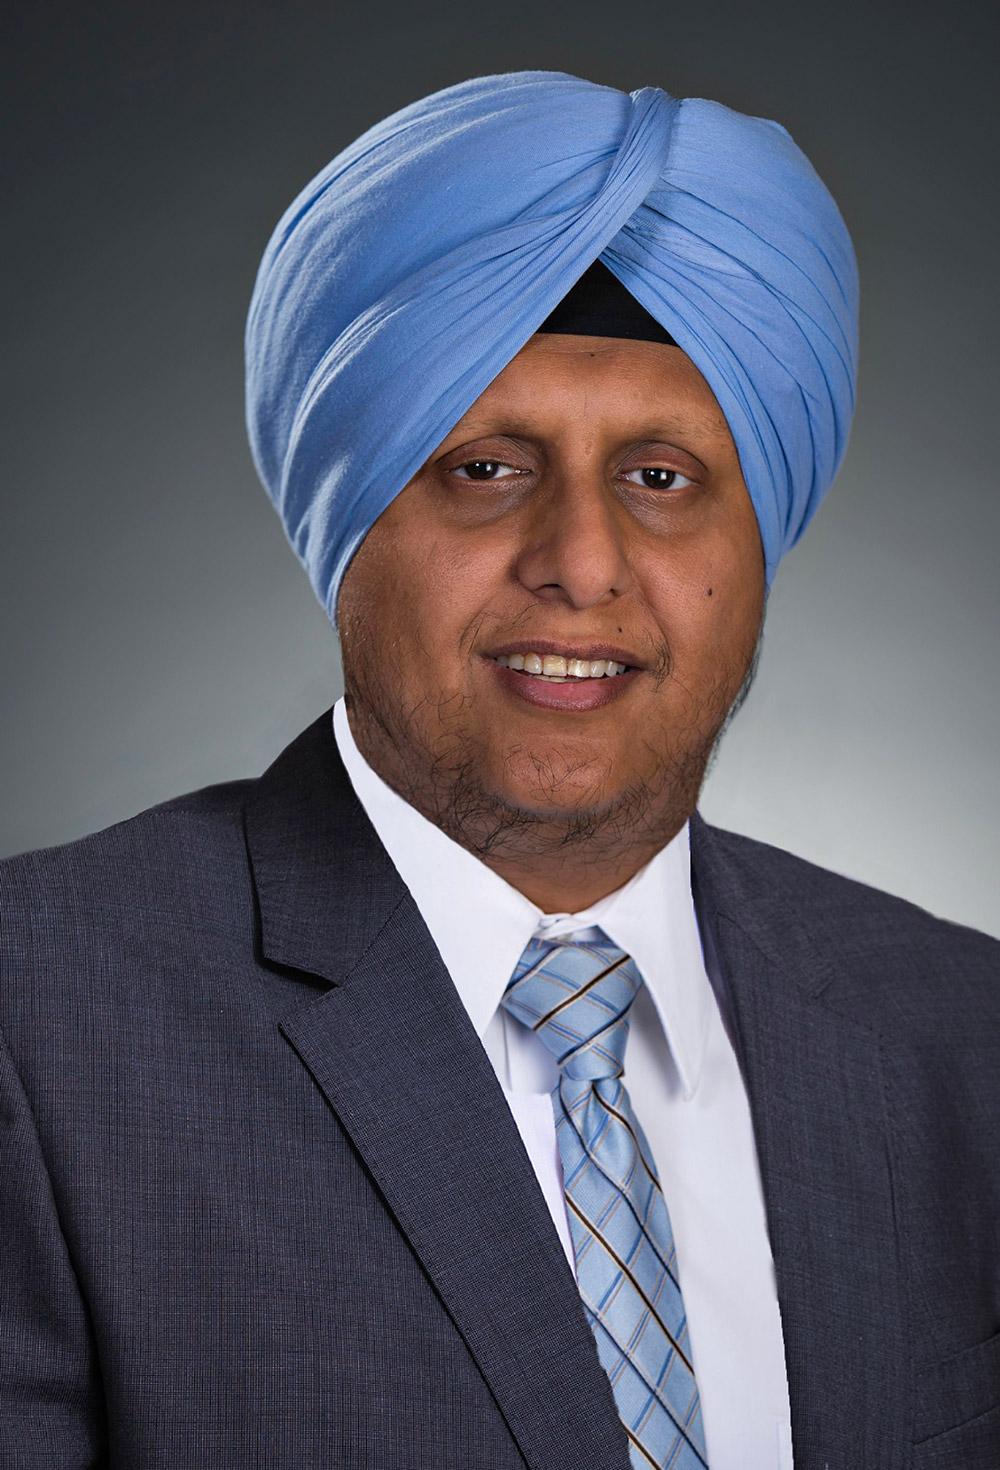 Mankanwal Sachdev Headshot